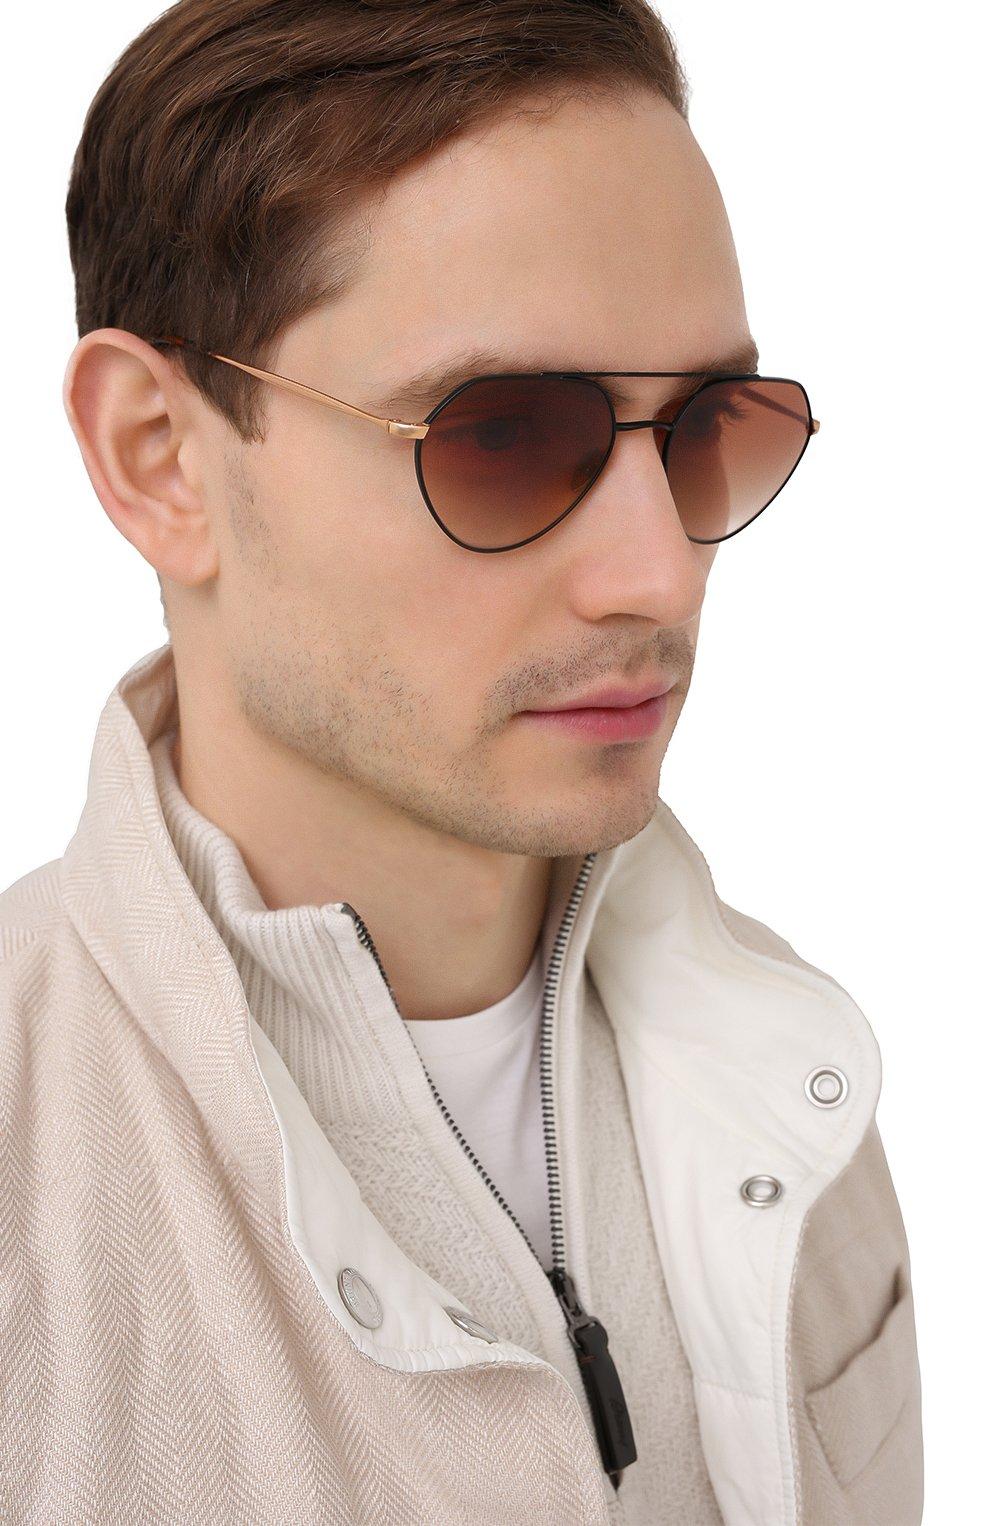 Мужские солнцезащитные очки GIORGIO ARMANI коричневого цвета, арт. AR6111 | Фото 2